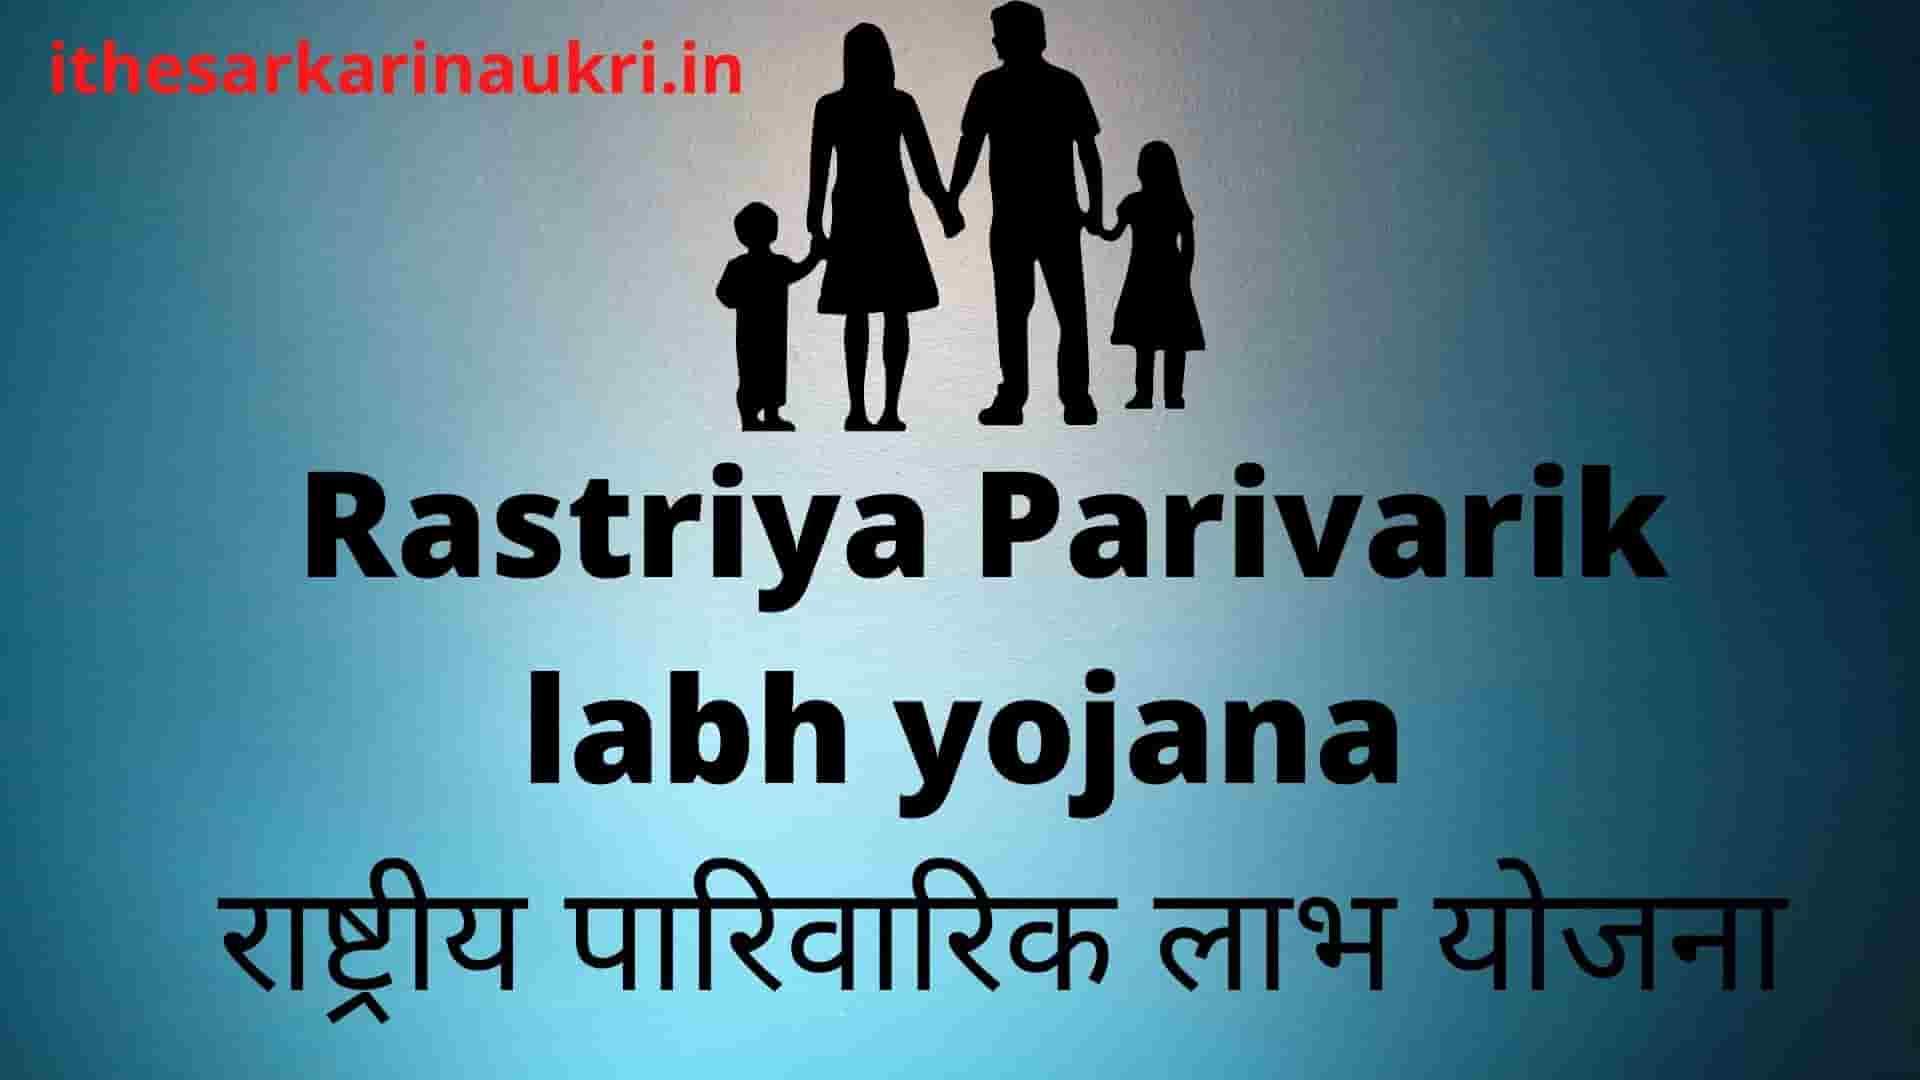 Rastriya Parivarik labh yojana 2021